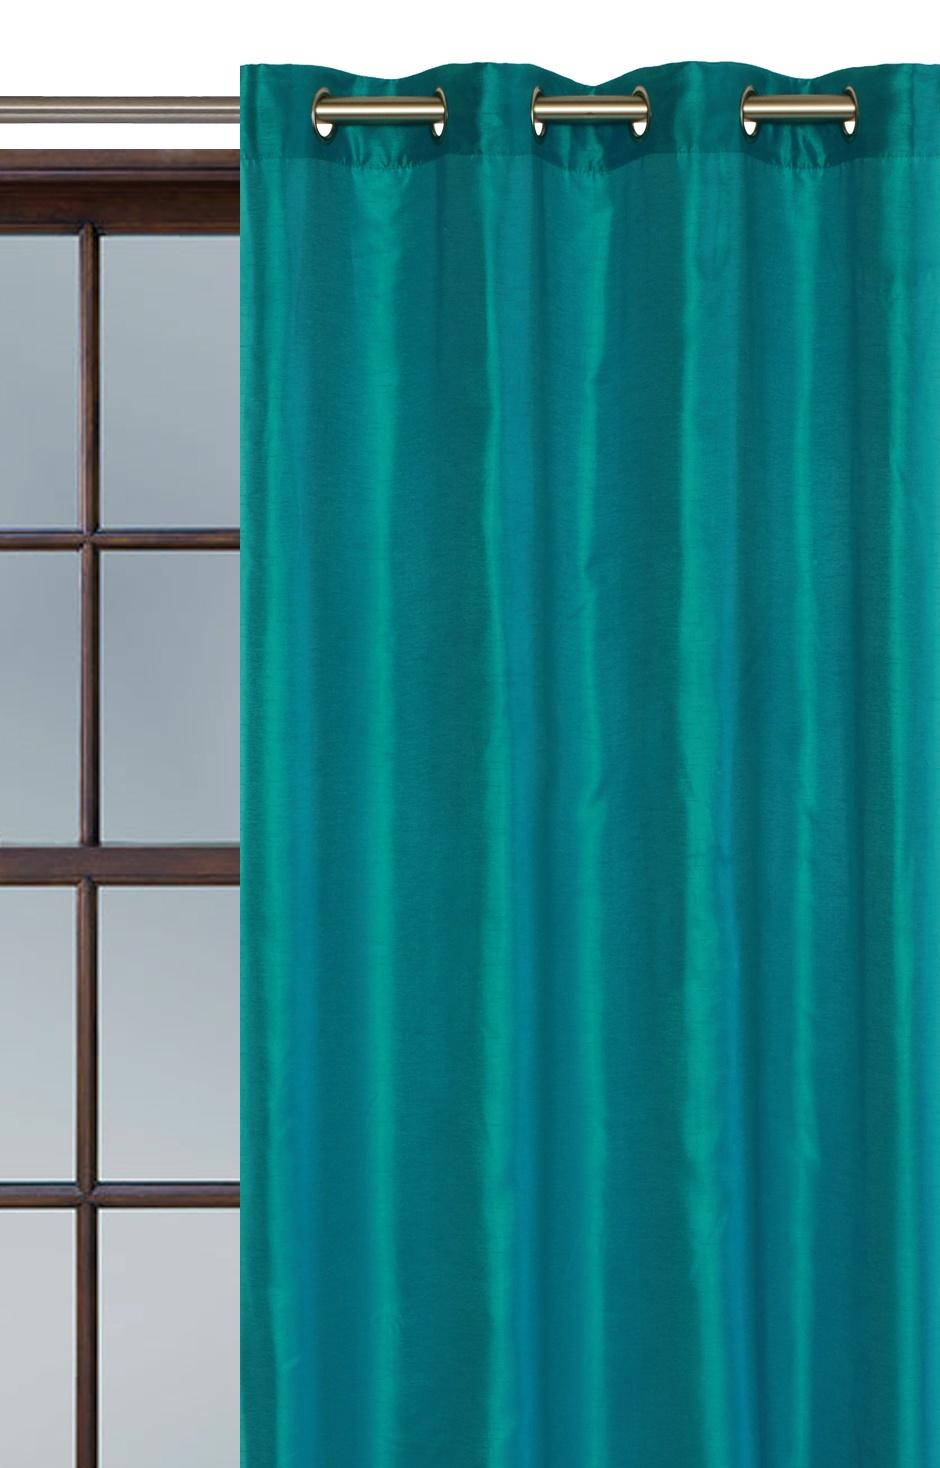 BALLERINA Turquoise